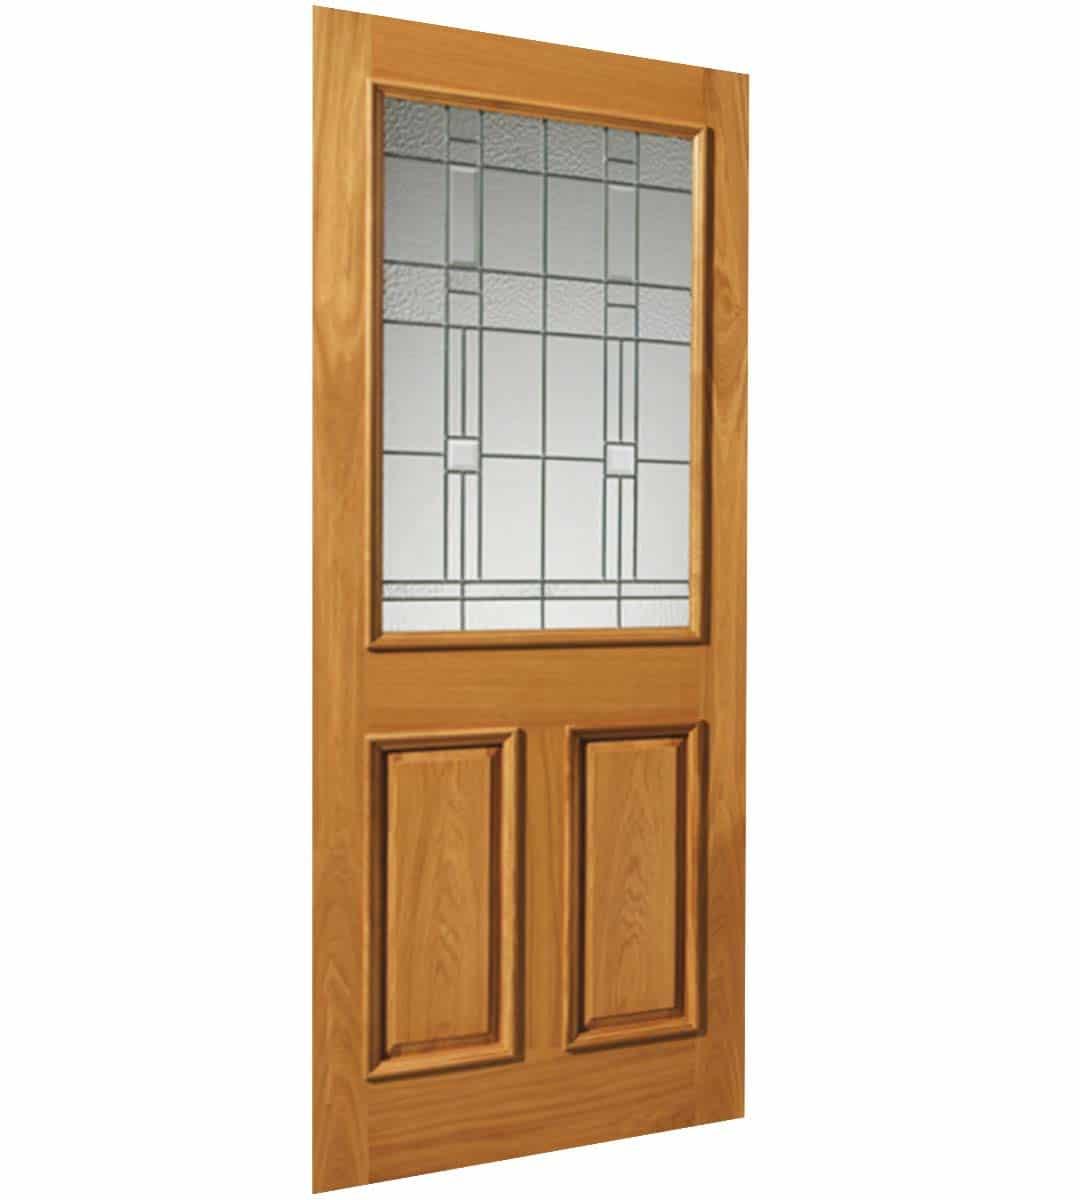 burgundy obscure glass door with zinc camings oak exterior door